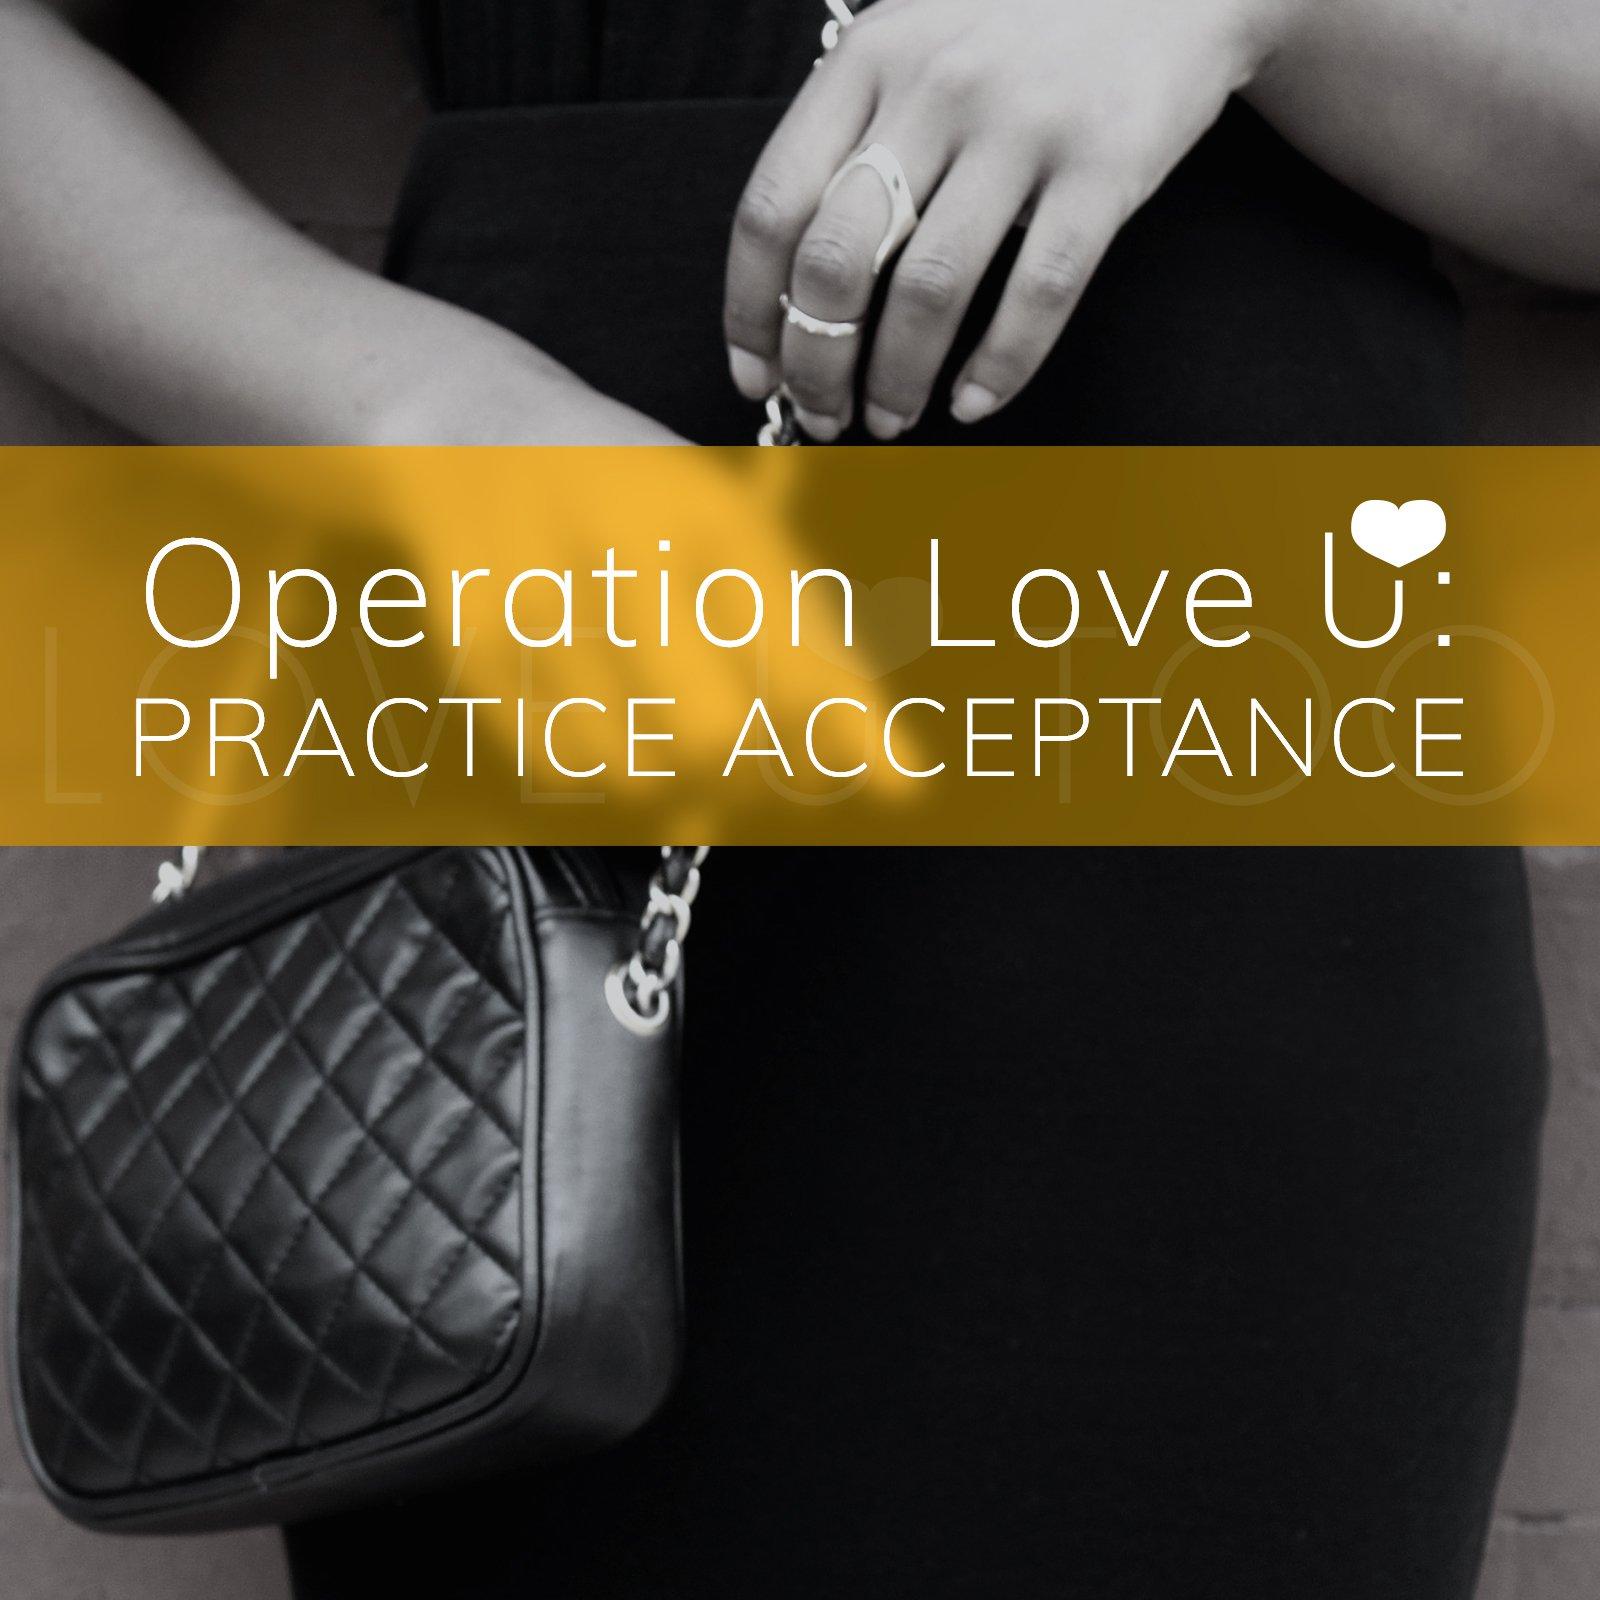 Practice Acceptance